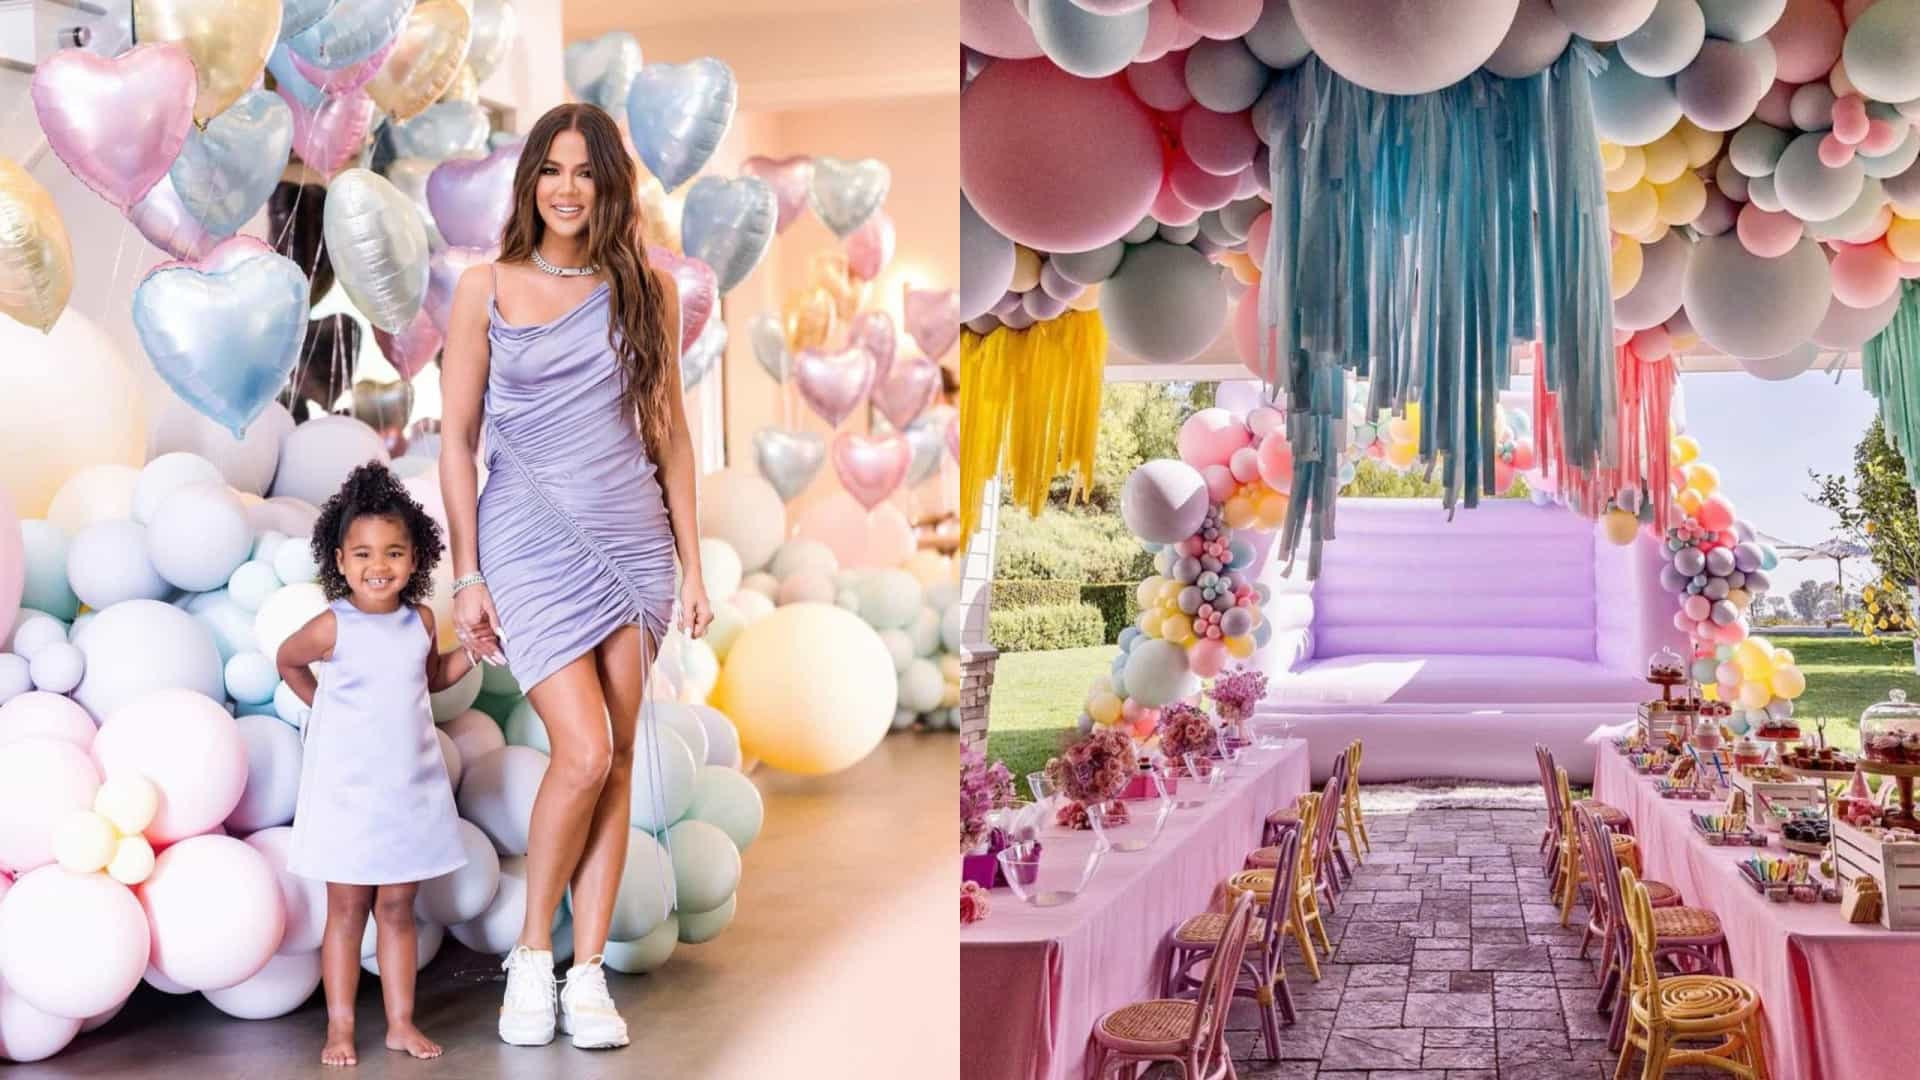 Os pormenores da decoração da festa da filha de Khloé Kardashian